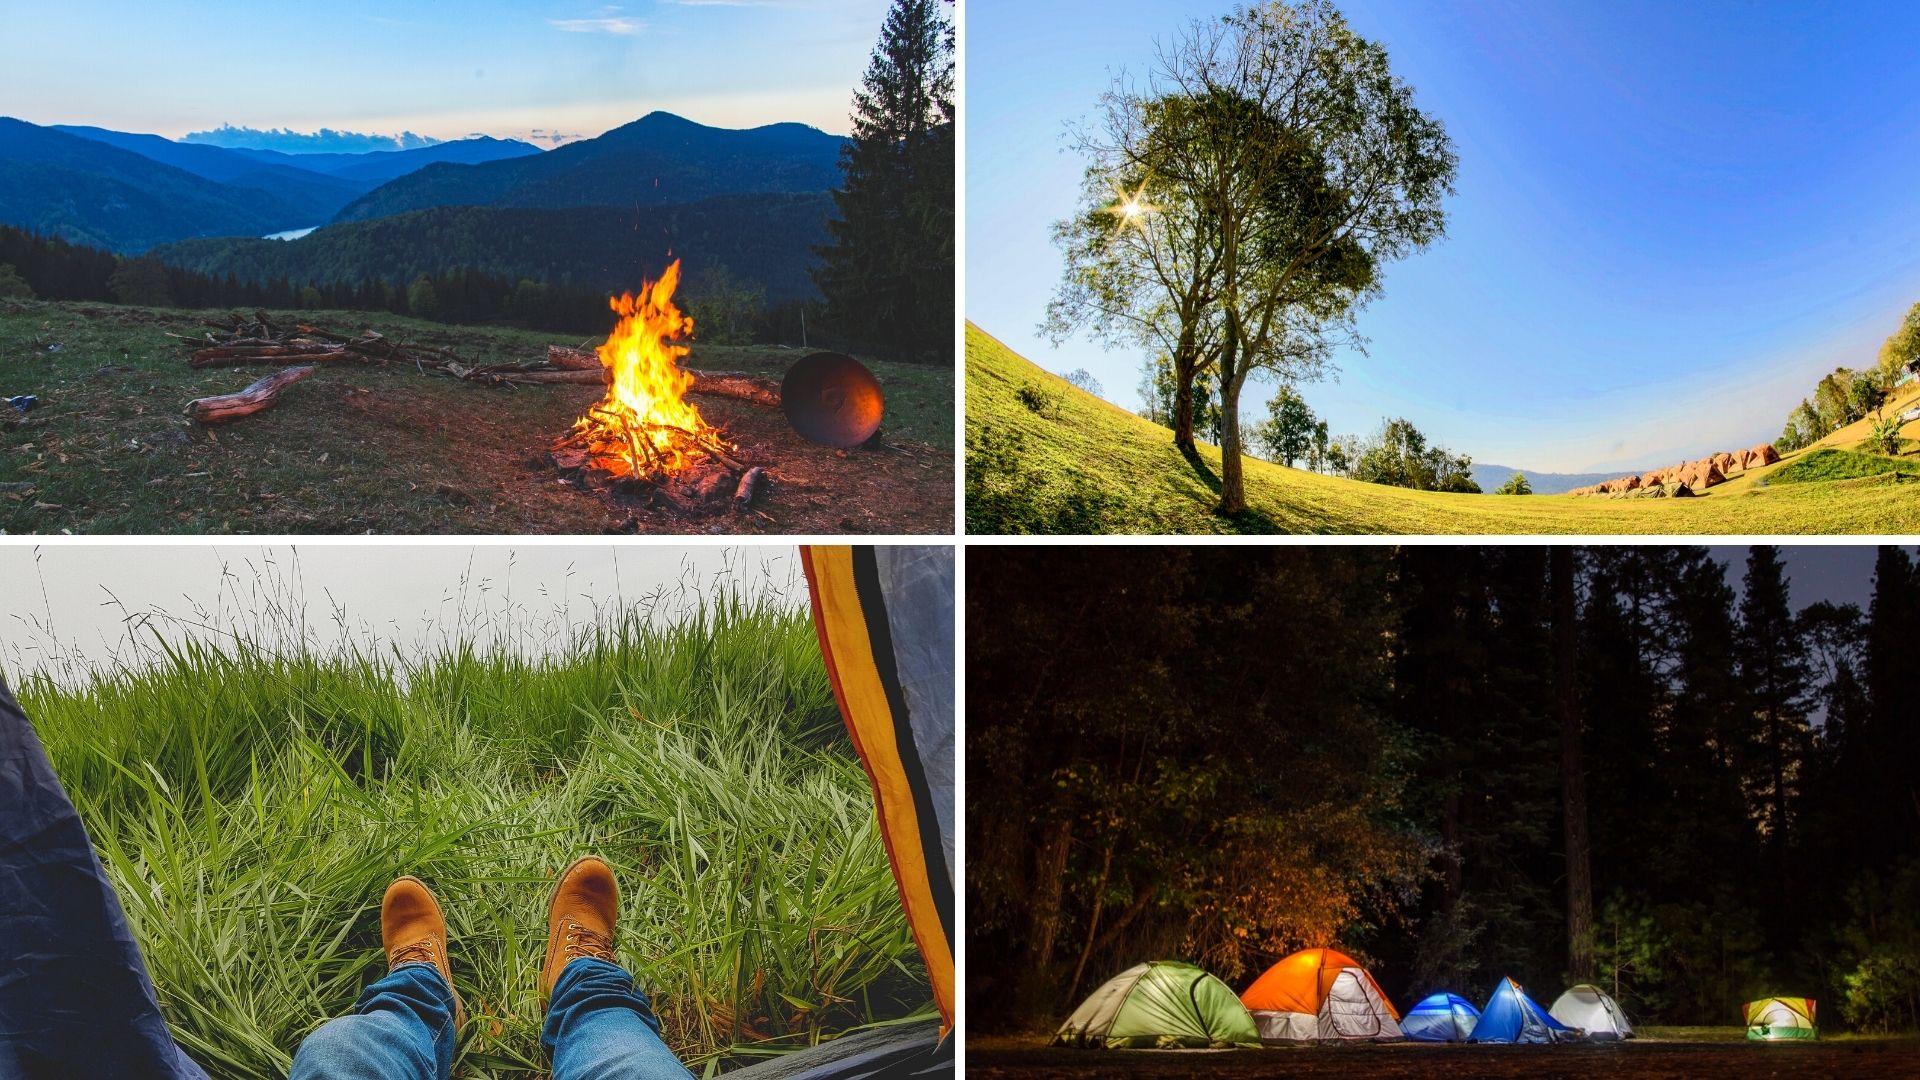 ПРИКЛЮЧЕНИЕ, КОЕТО СИ ЗАСЛУЖАВА! Преход в Родопите с палатки